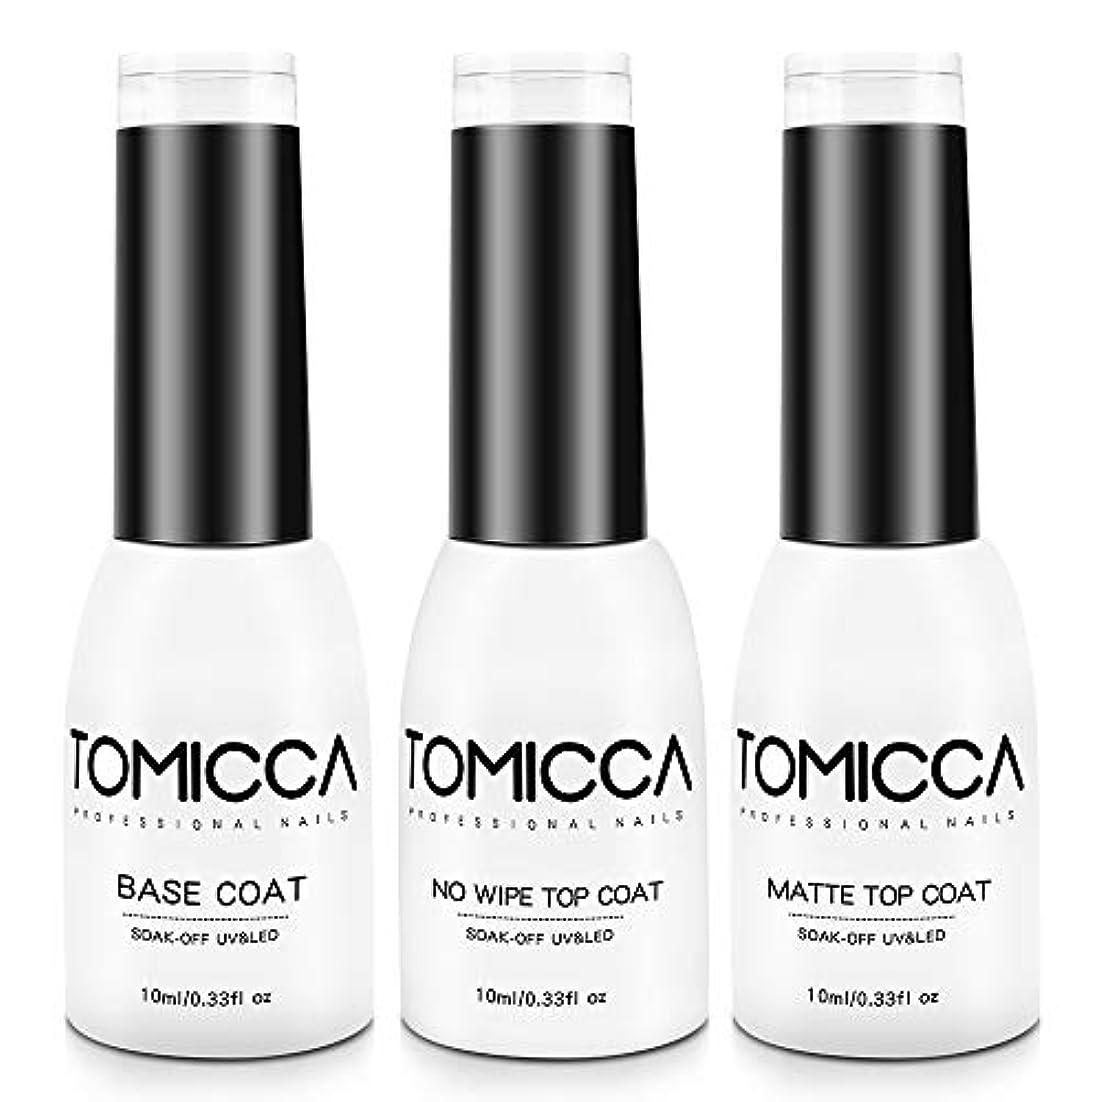 ほこり十分な潤滑するTOMICCA ジェルネイル トップコート マットトップコート ベースコート 3本セット10ml 拭き取り不要 UV/LED対応